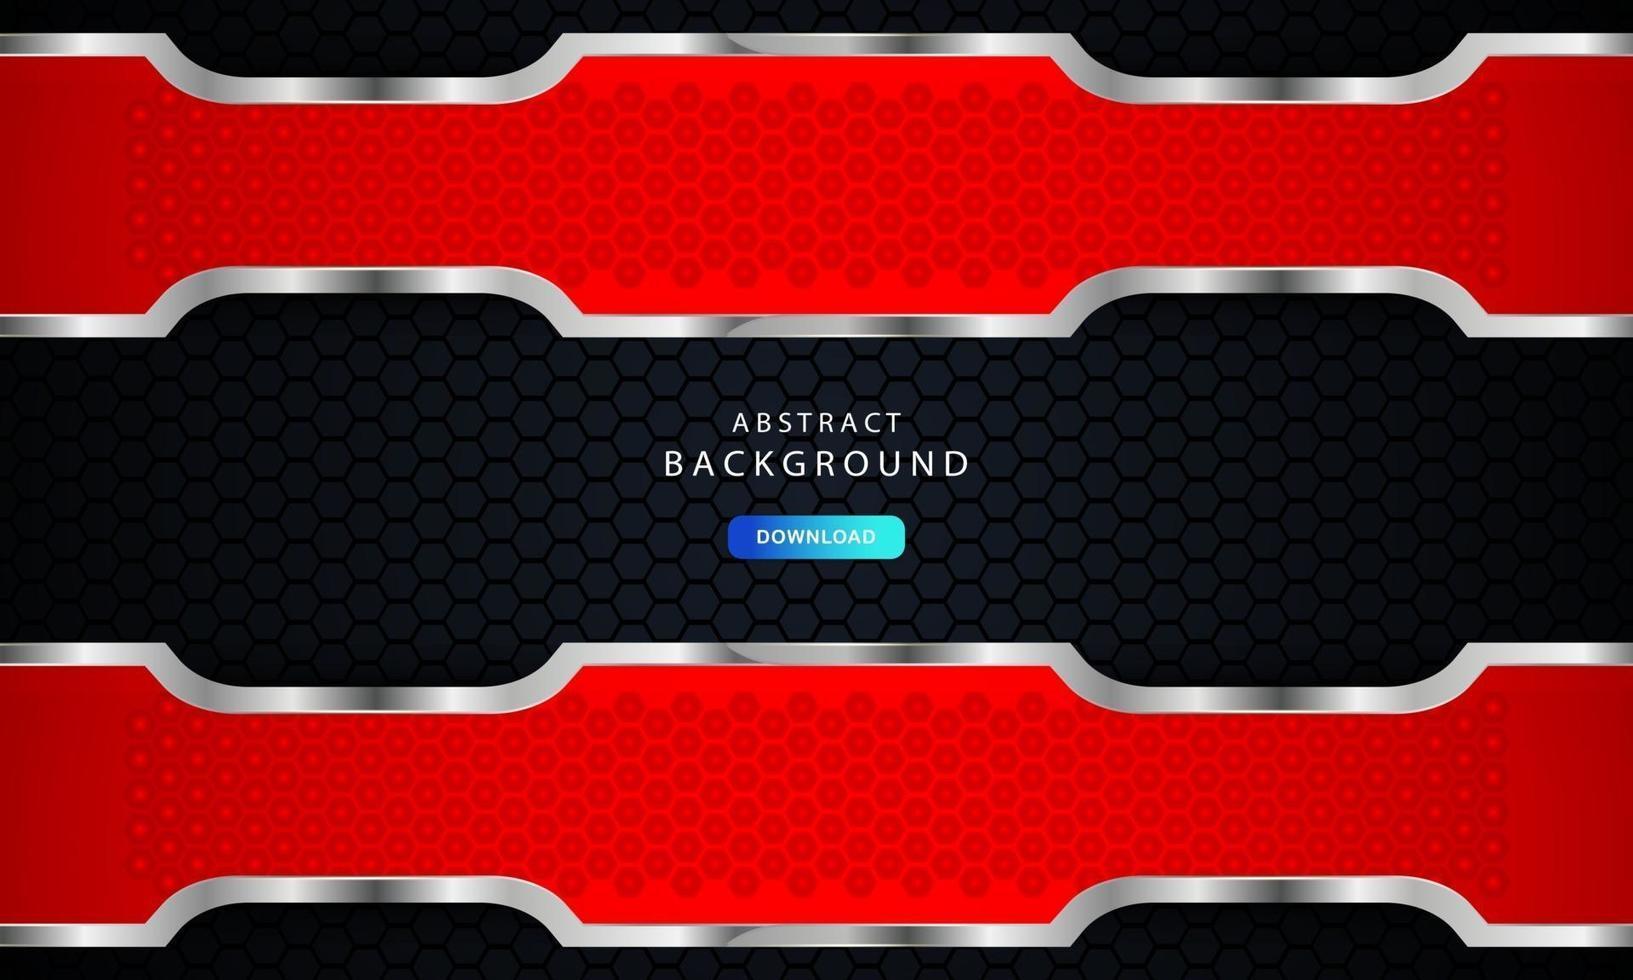 röd sexkantig abstrakt metallbakgrund med silverfärgad effekt. vektor